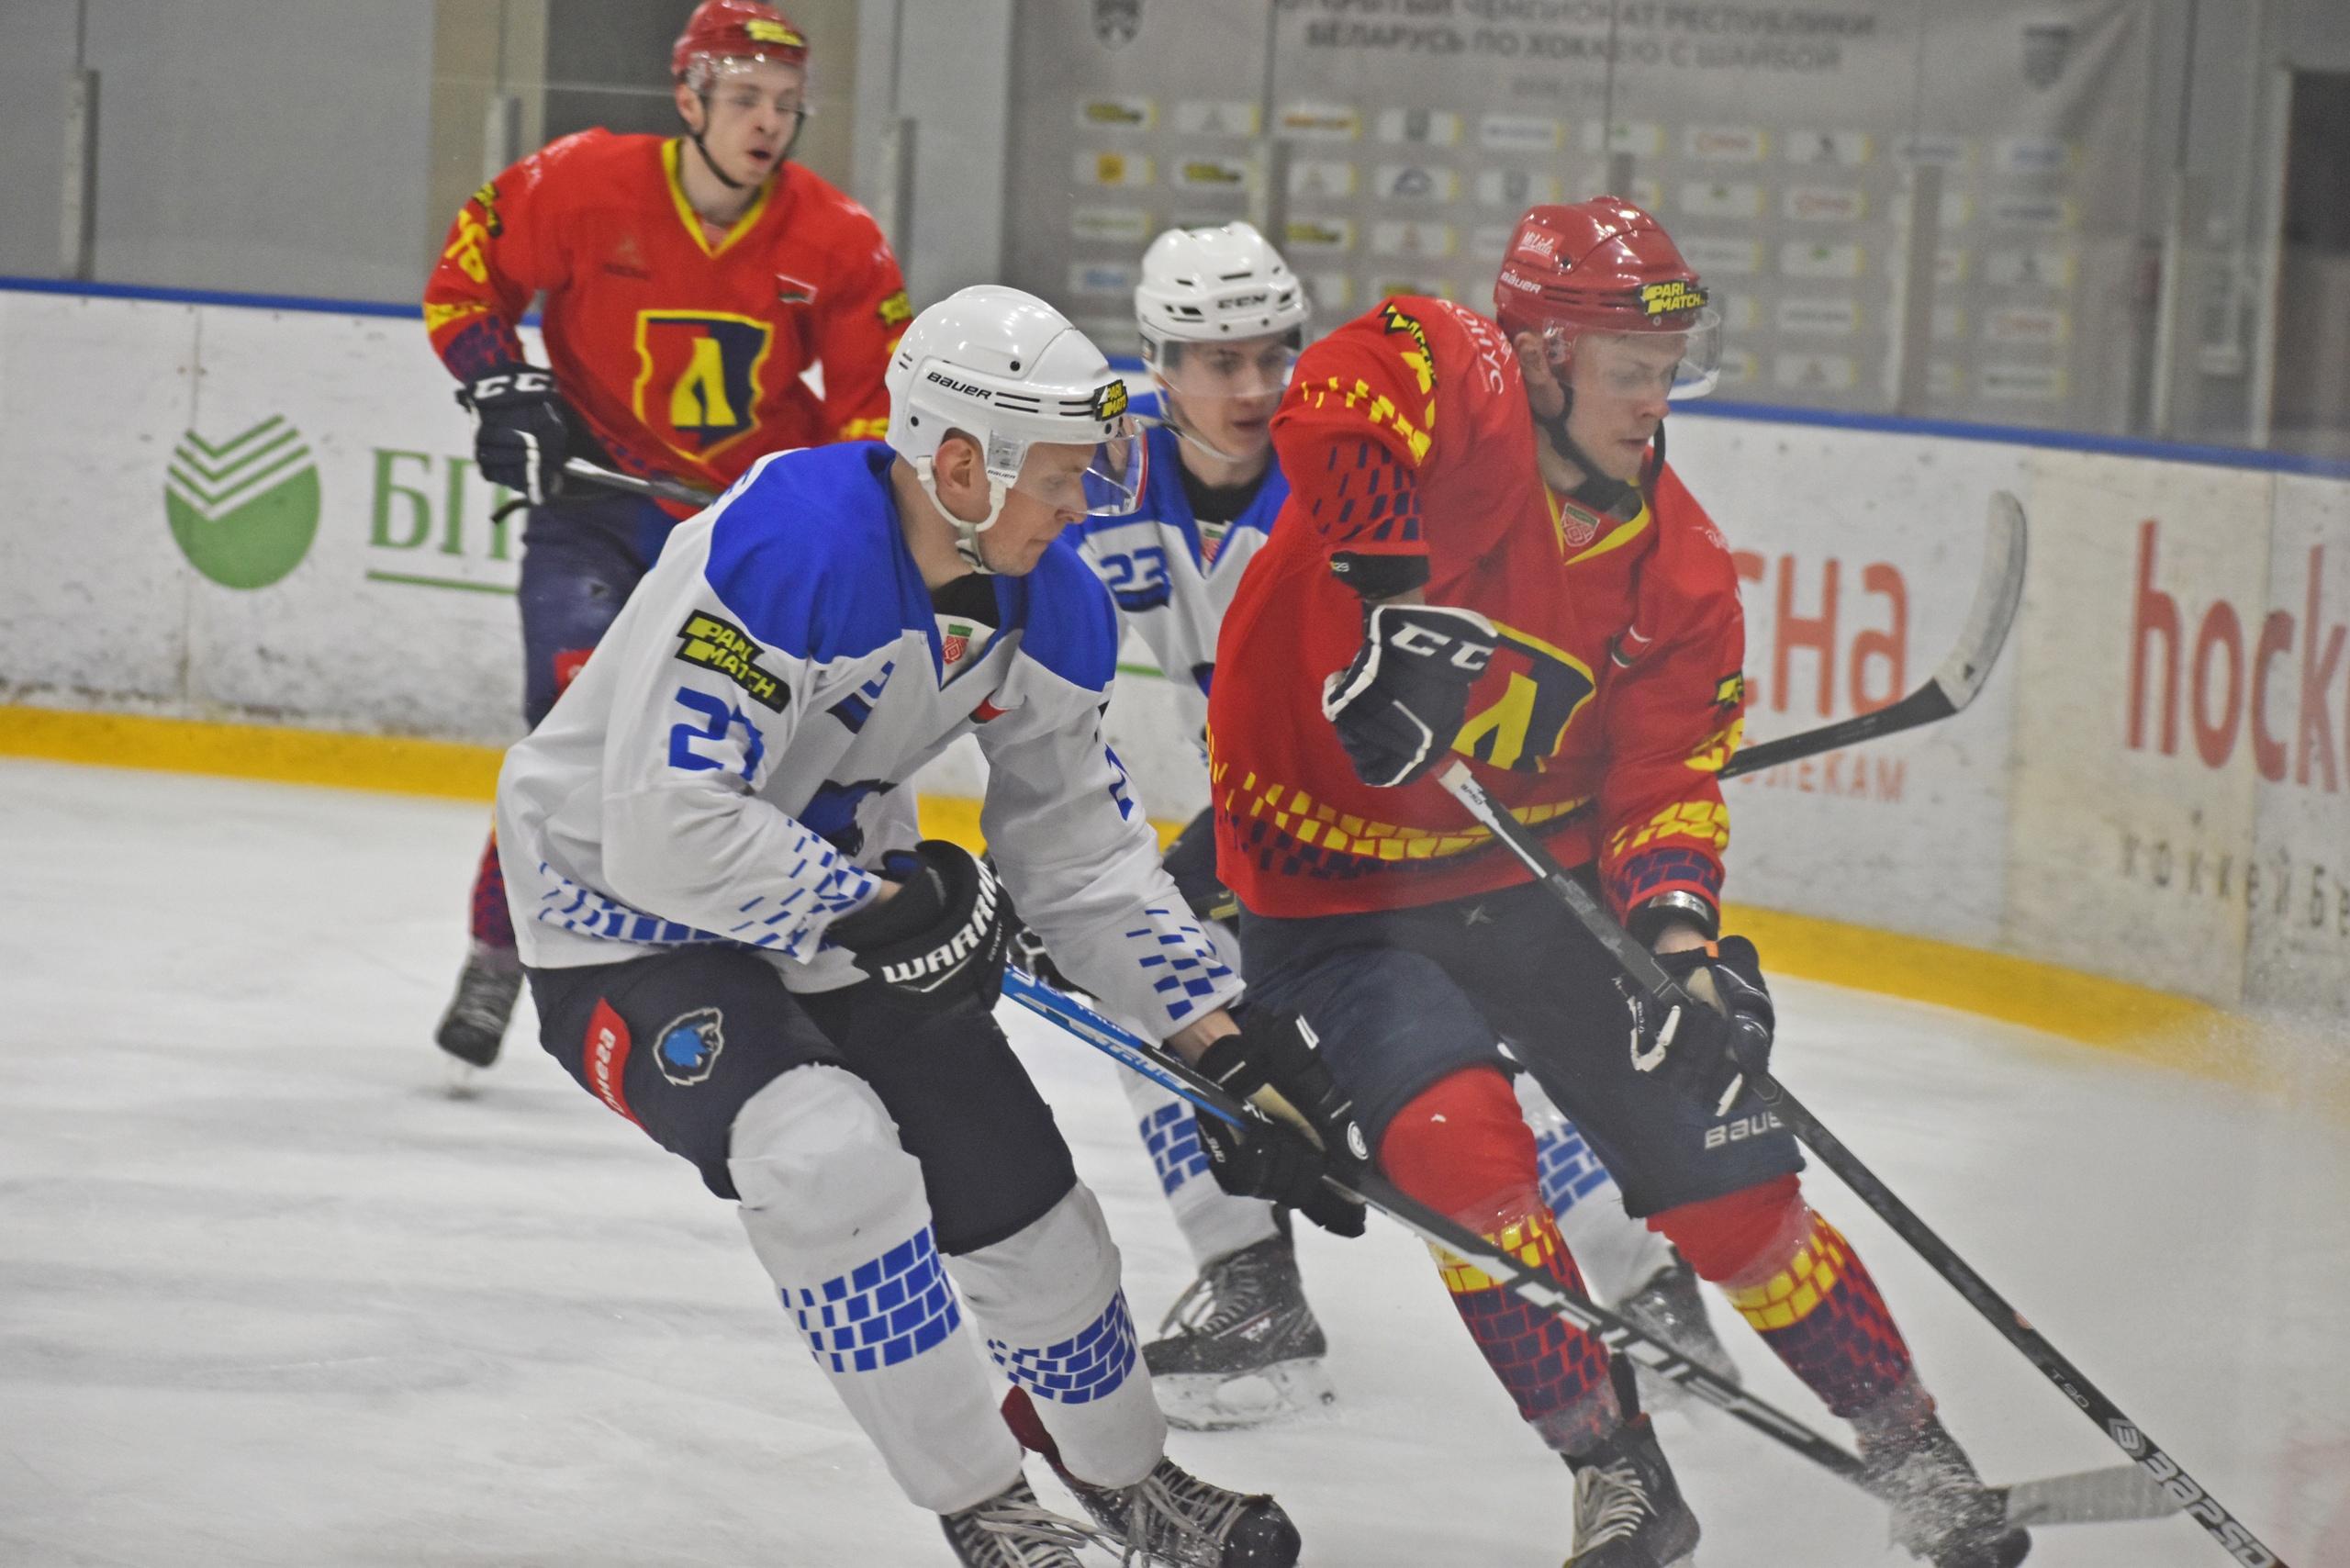 Хоккейный клуб «Лида» в упорной борьбе обыграл «Витебск».